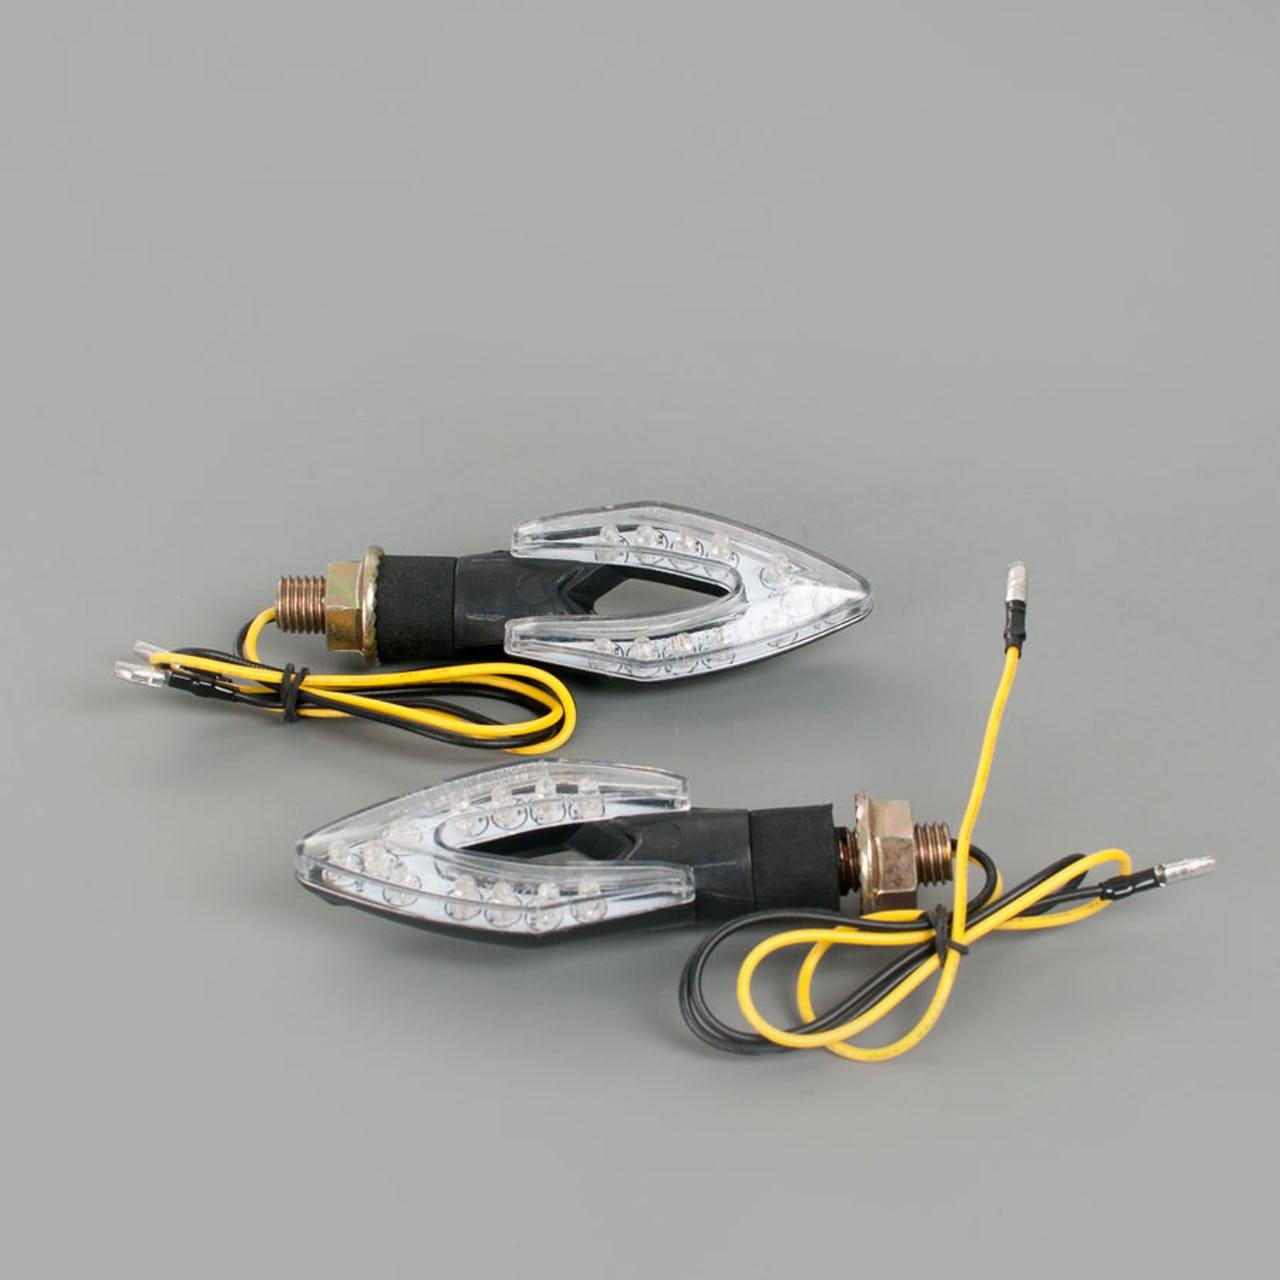 Clignotants à diodes Snell Arc LED pour moto